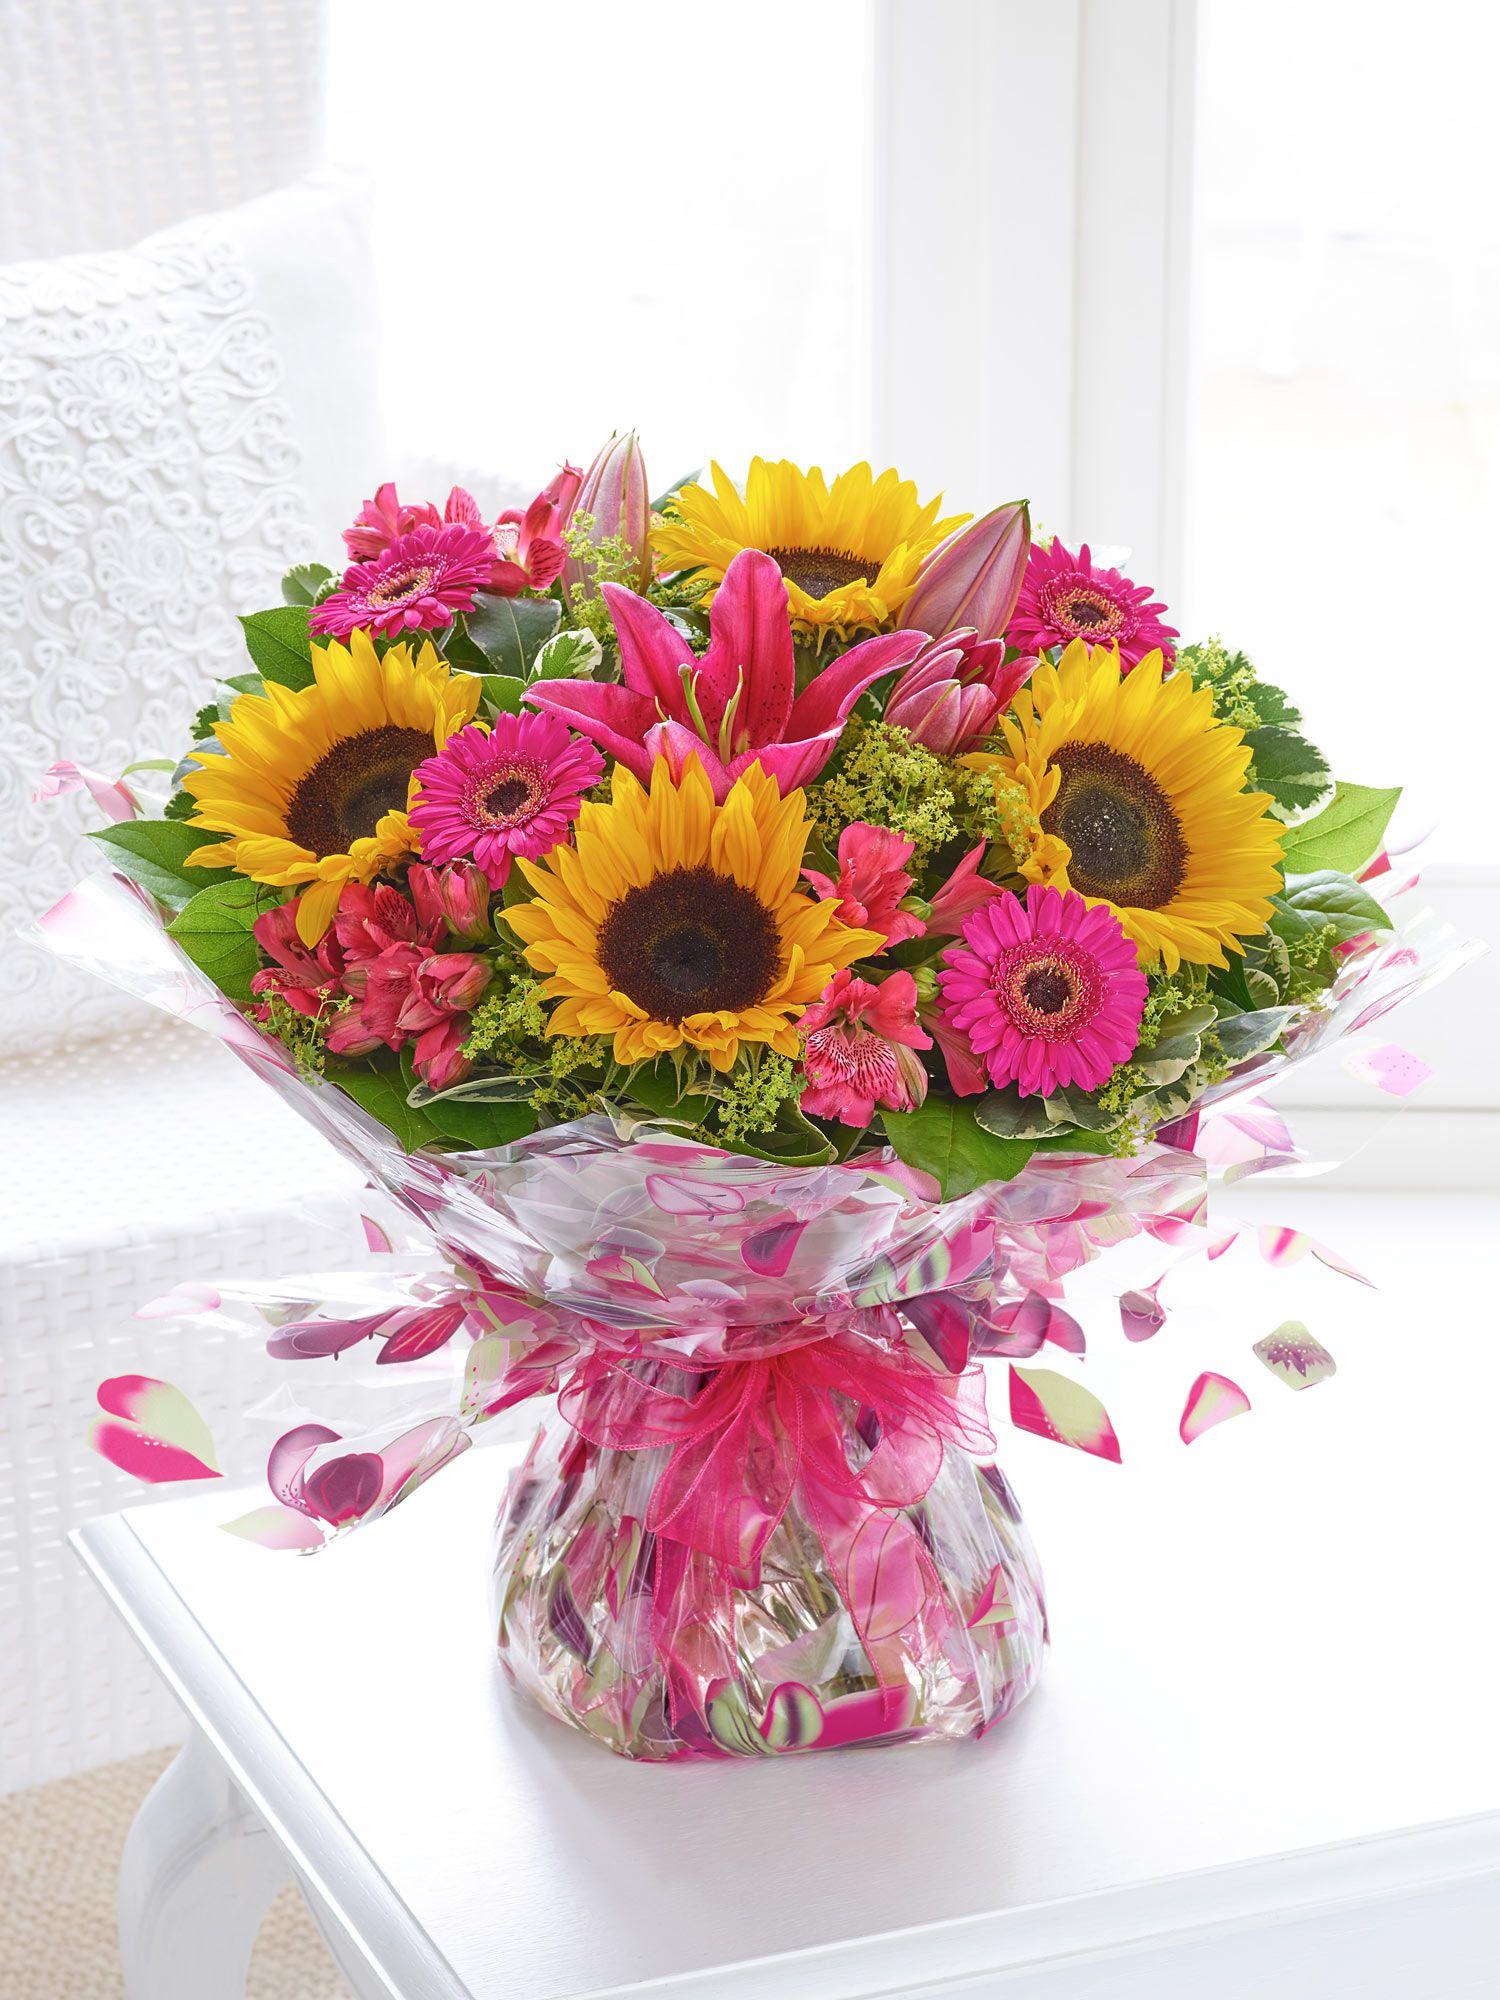 Sunflower Celebration Handtied Flowers delivered, Same